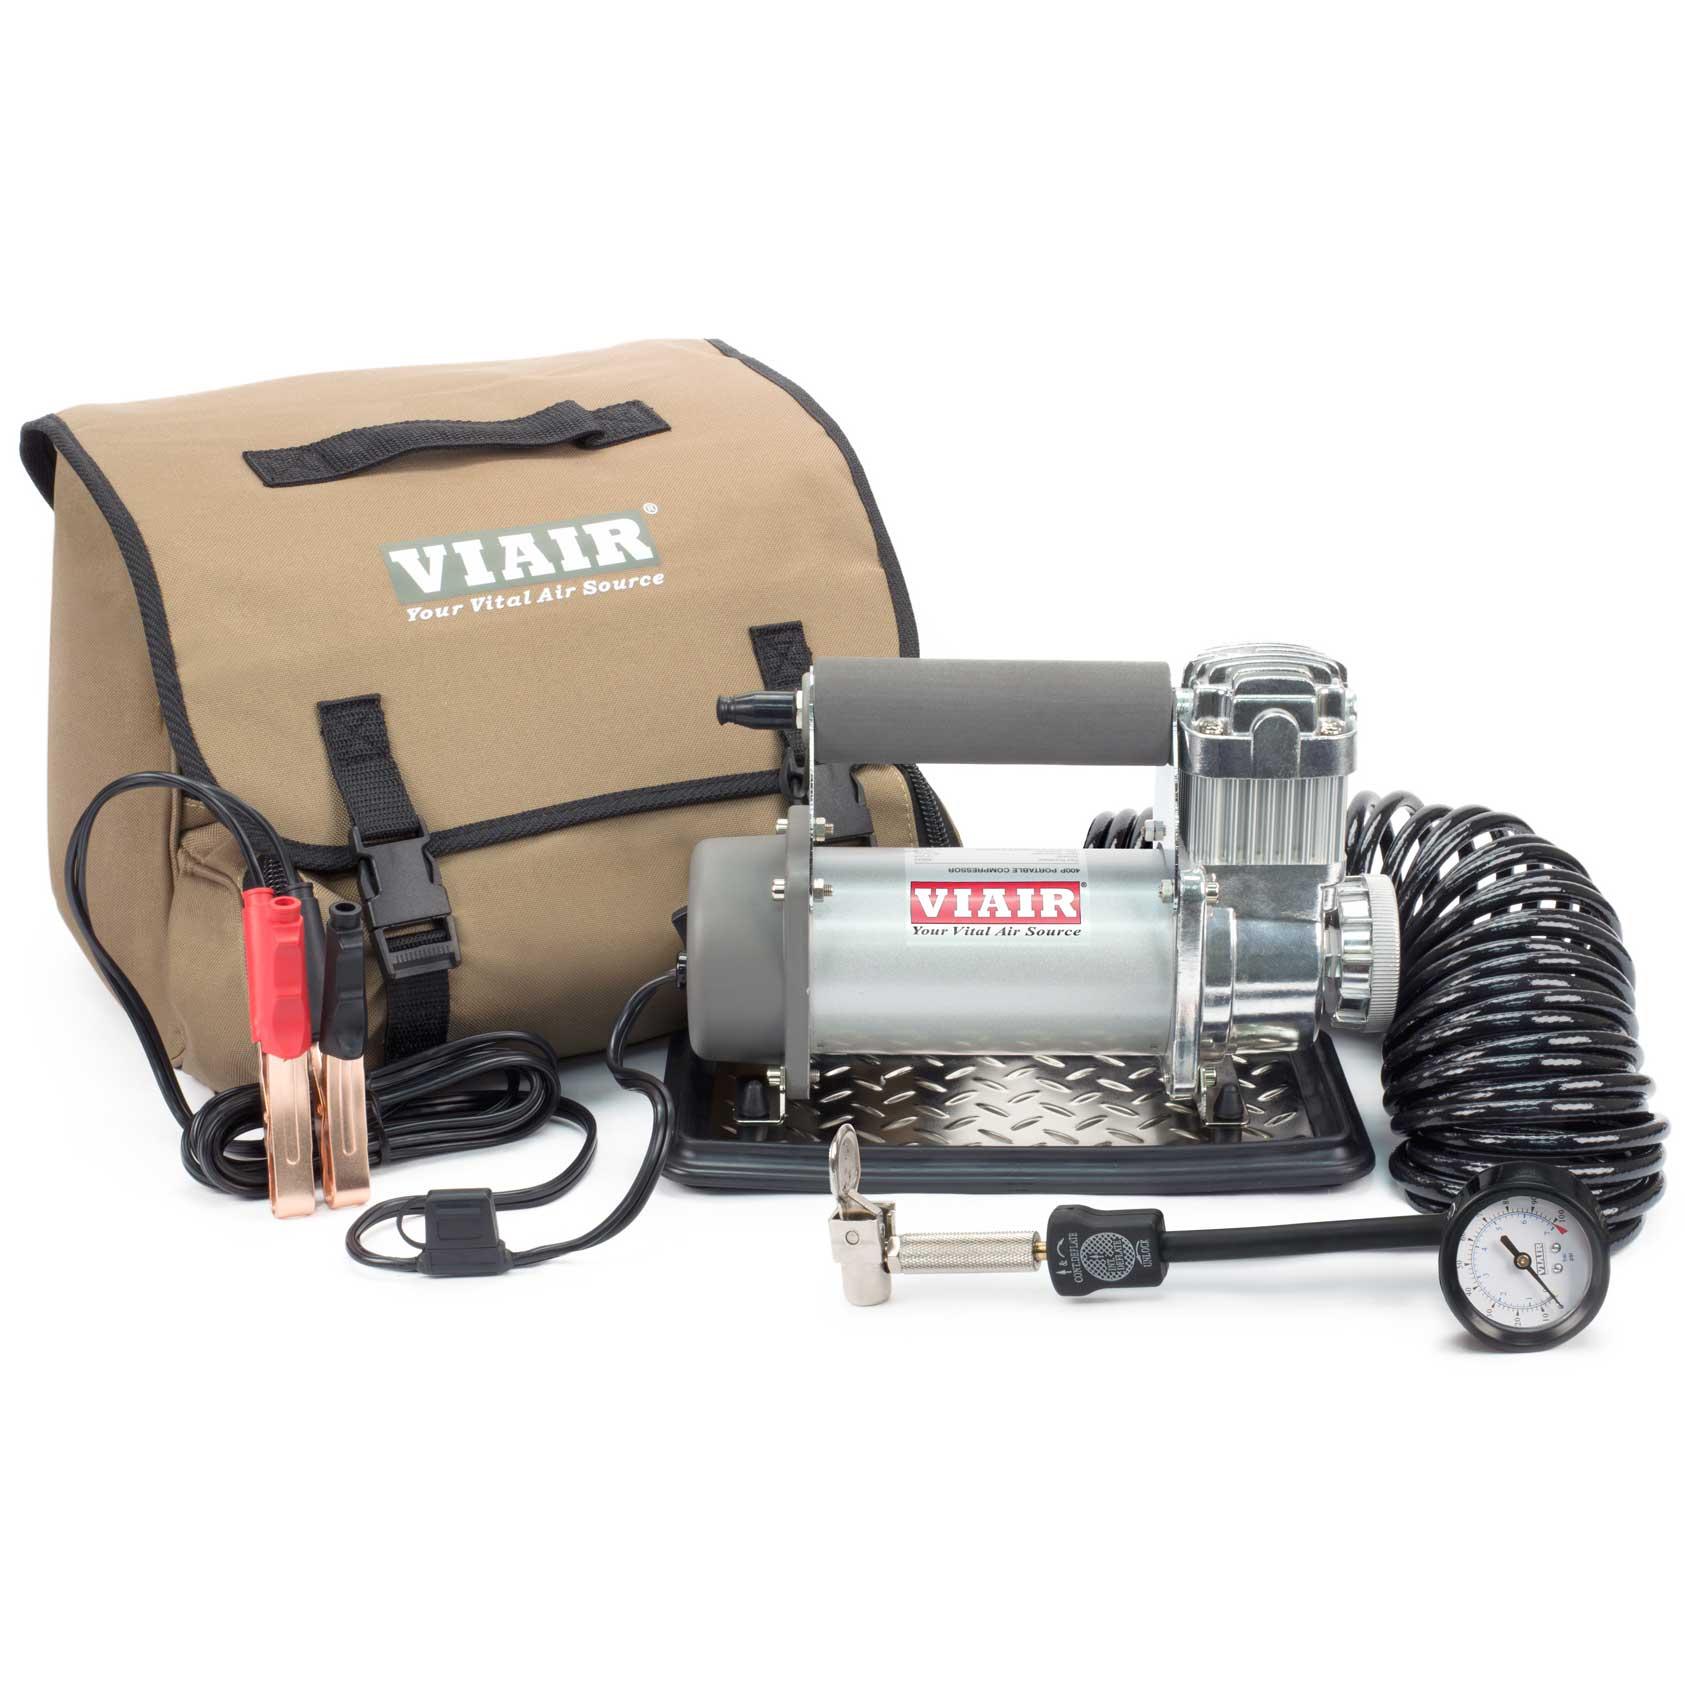 Viair 400p Portable 12v 33 Duty 150 Psi Compressor Kit